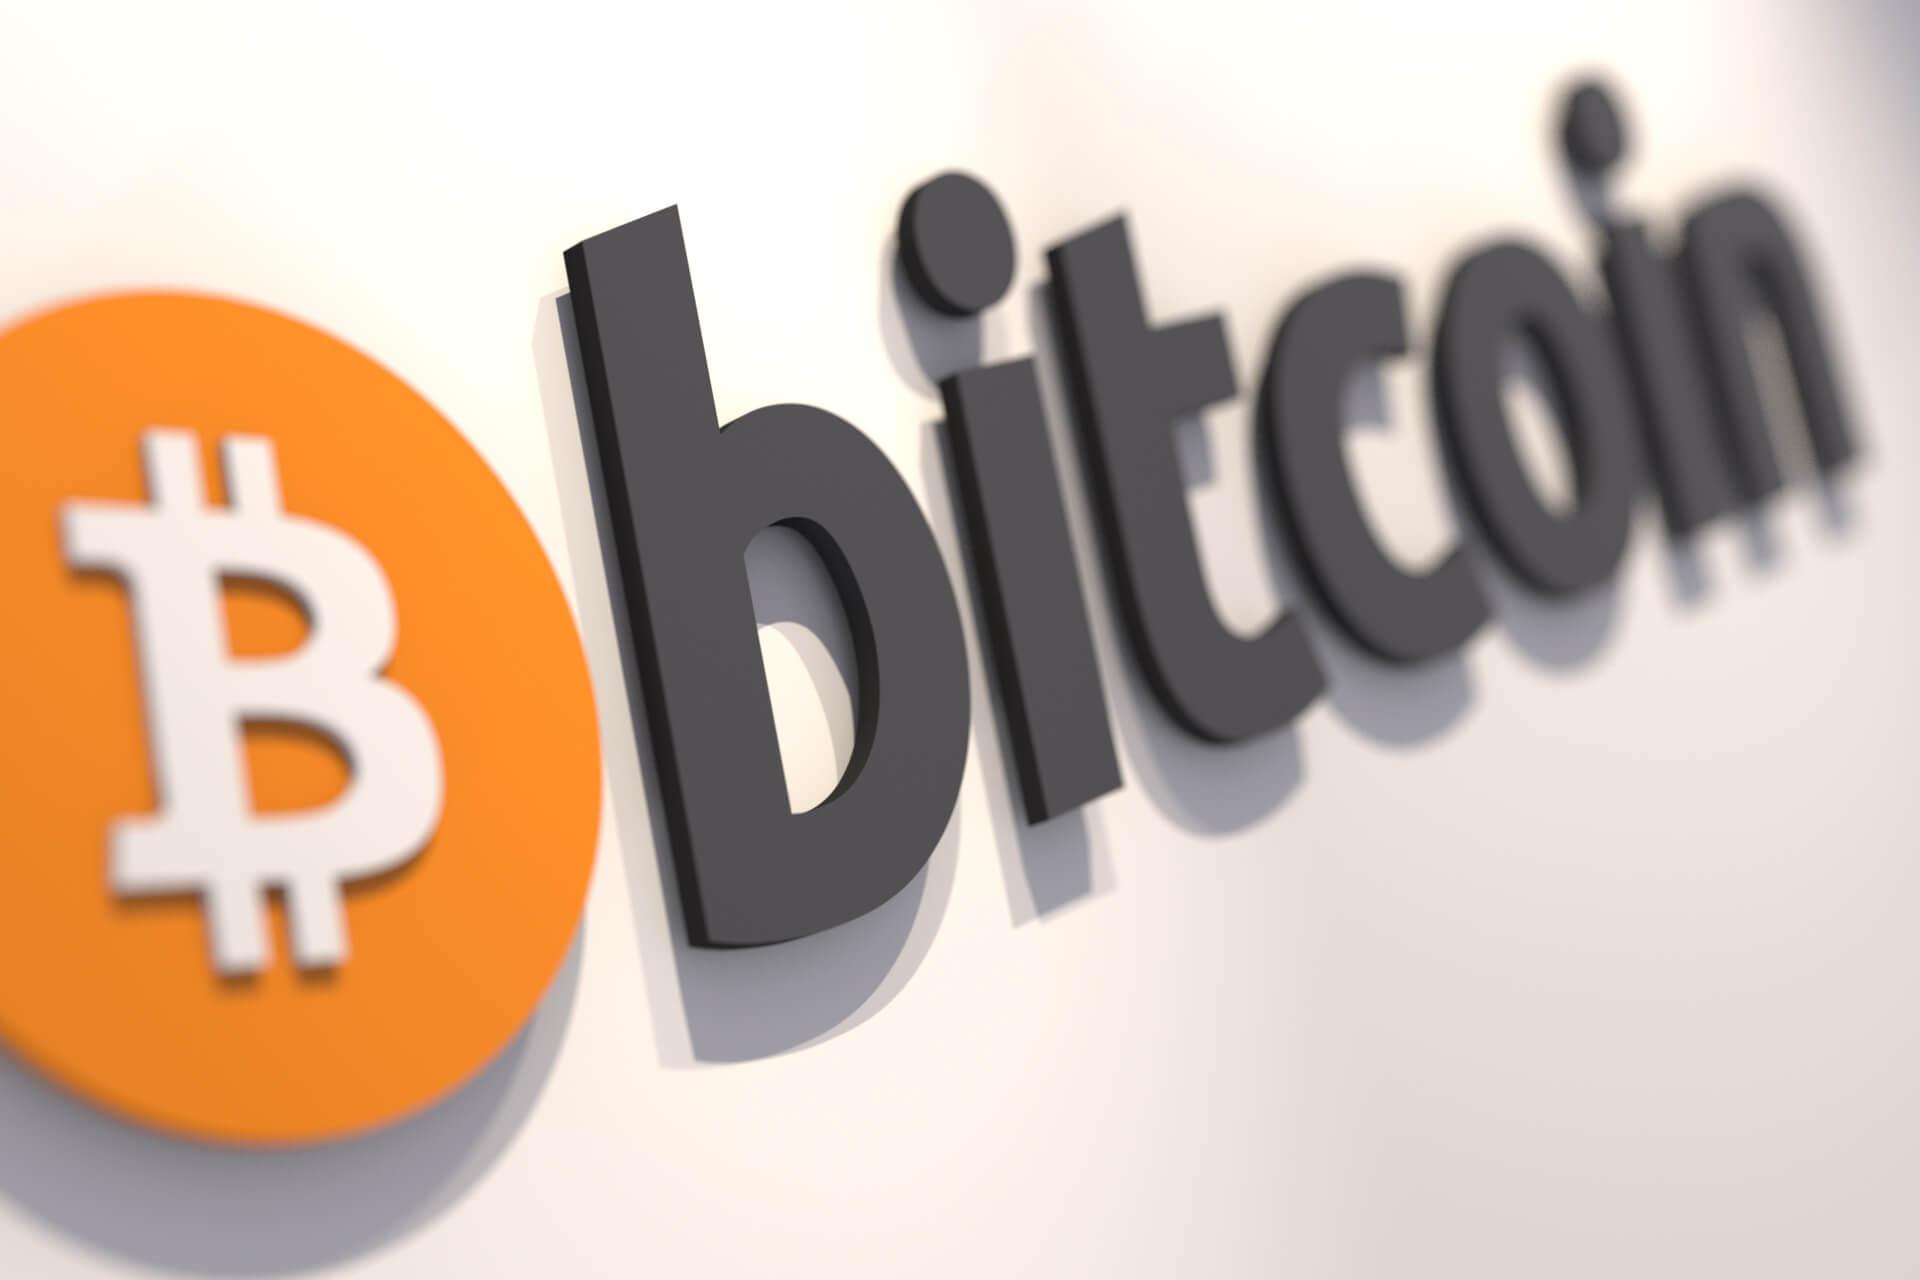 Bitcoin: Egy peer-to-peer elektronikus készpénzrendszer